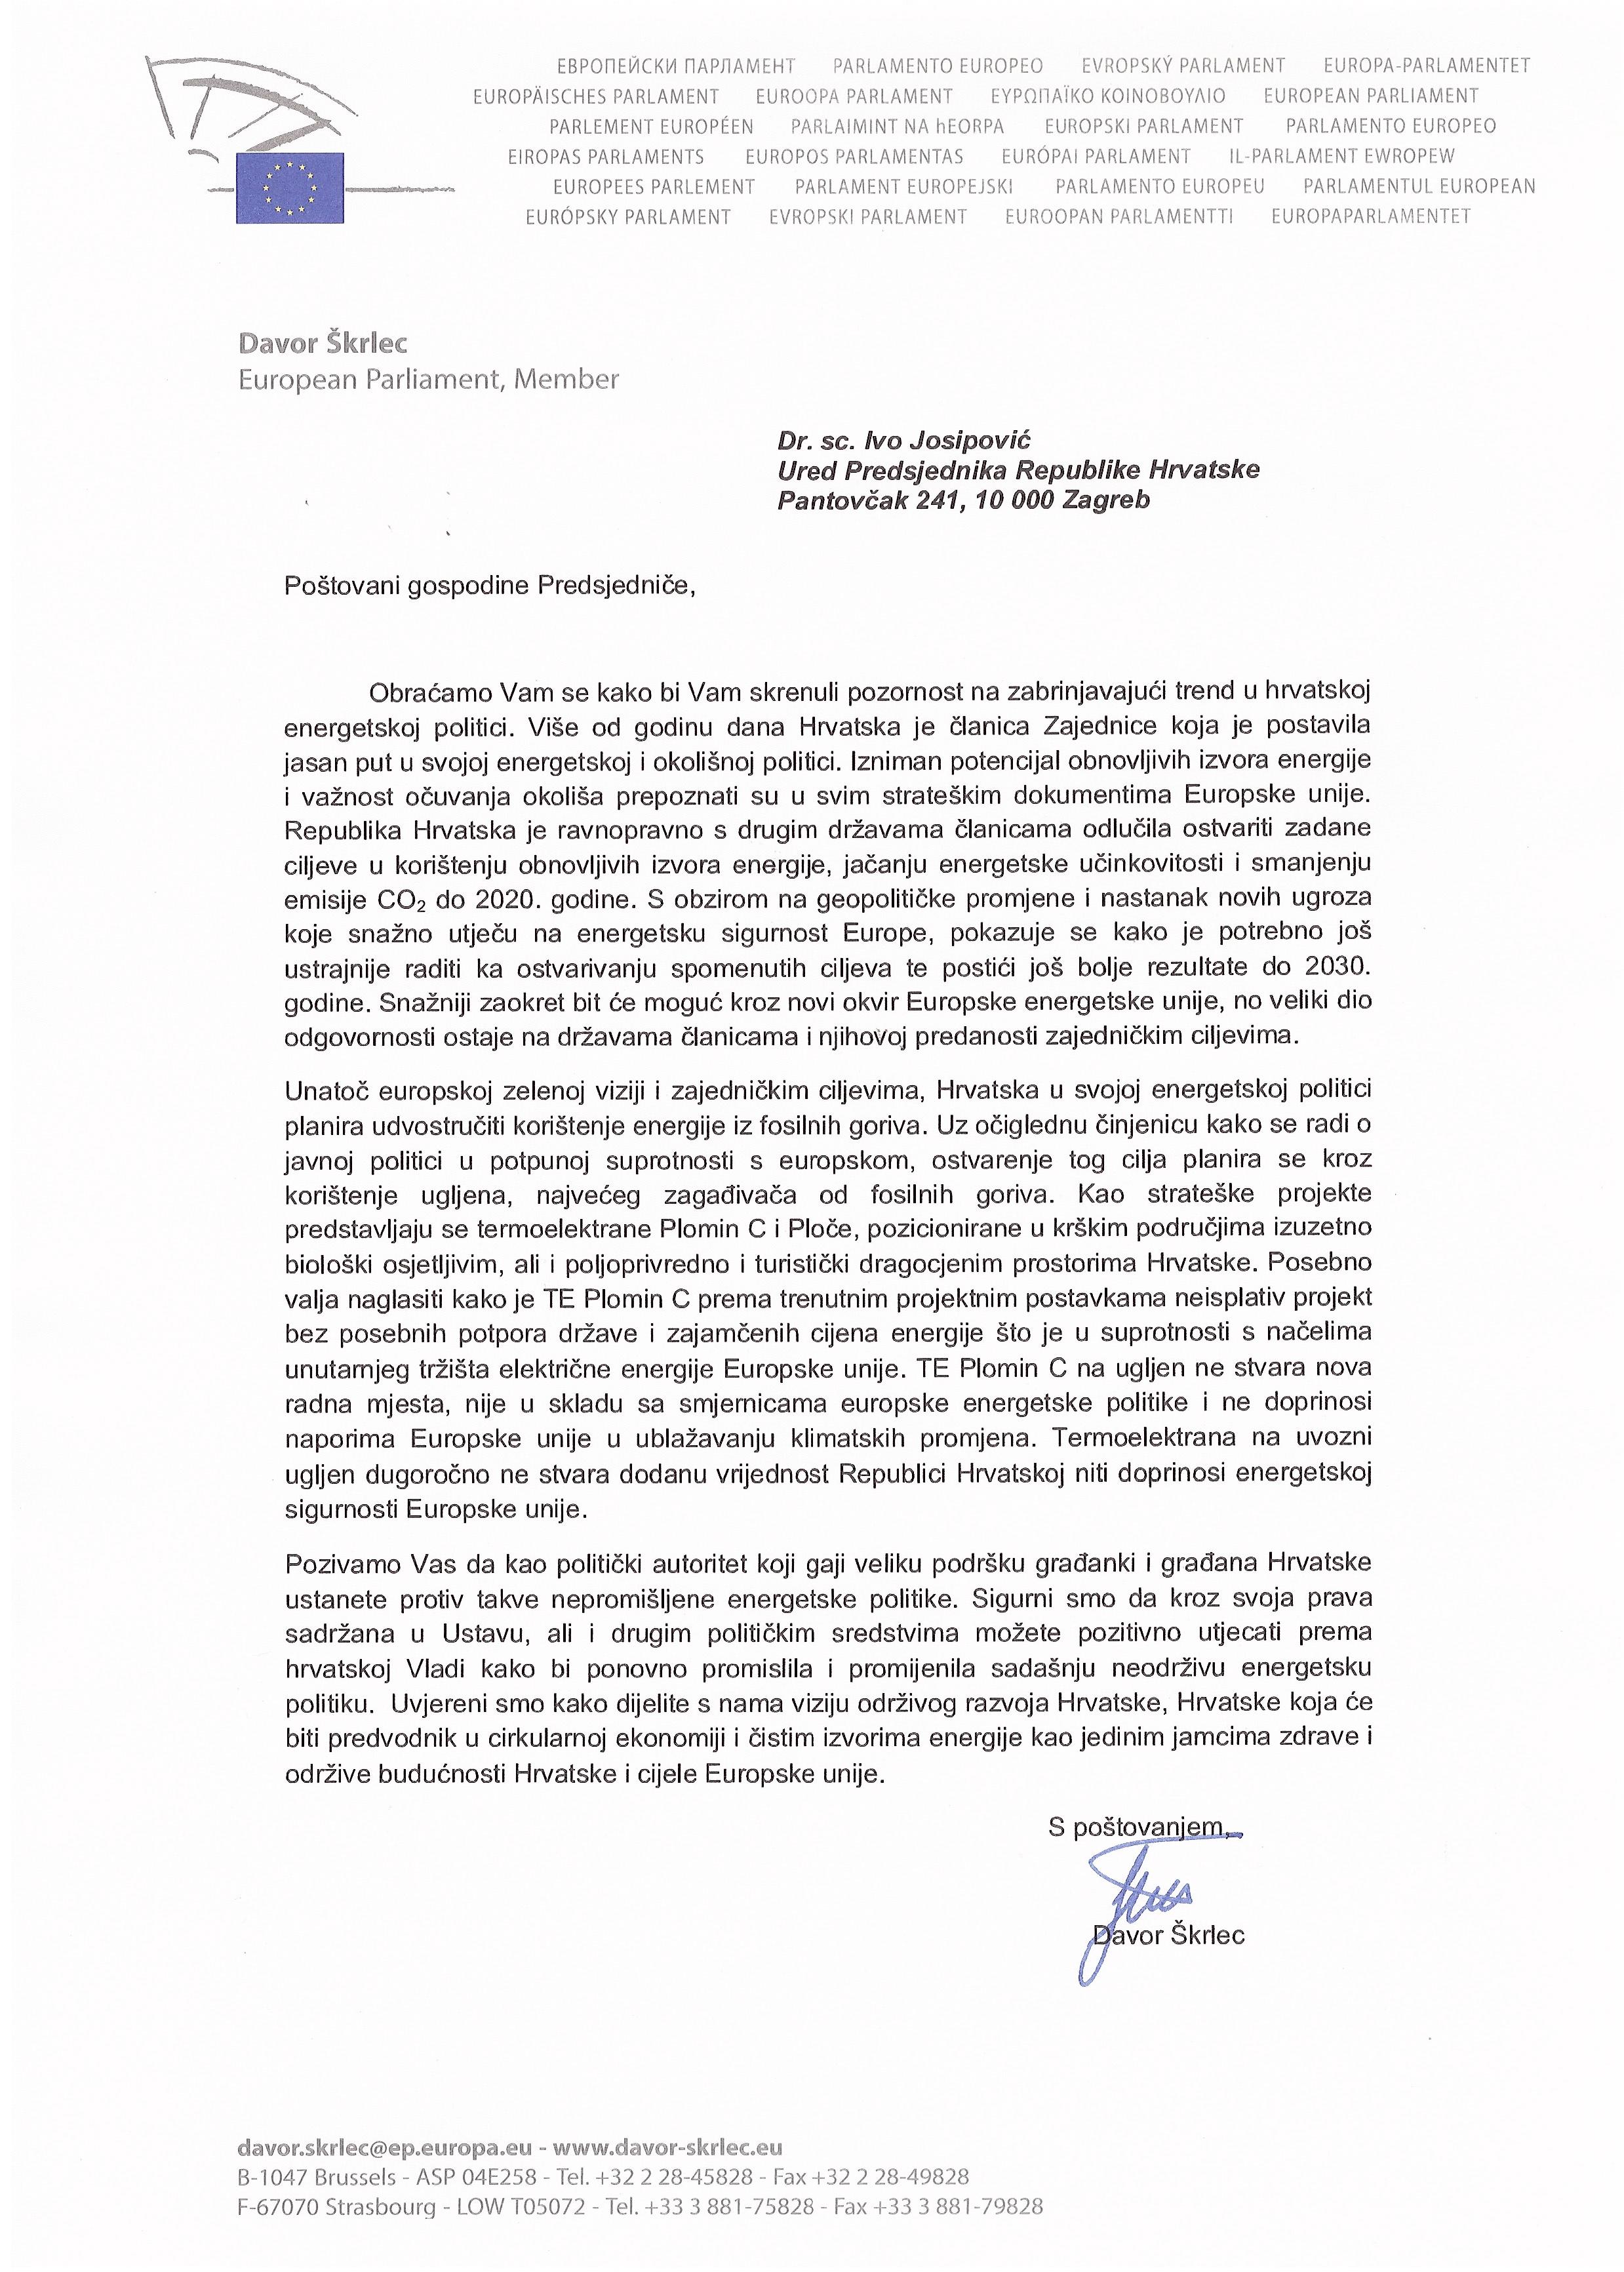 Otvoreno pismo Zelenih zastupnika u Europskom parlamentu Predsjedniku Josipoviću-1